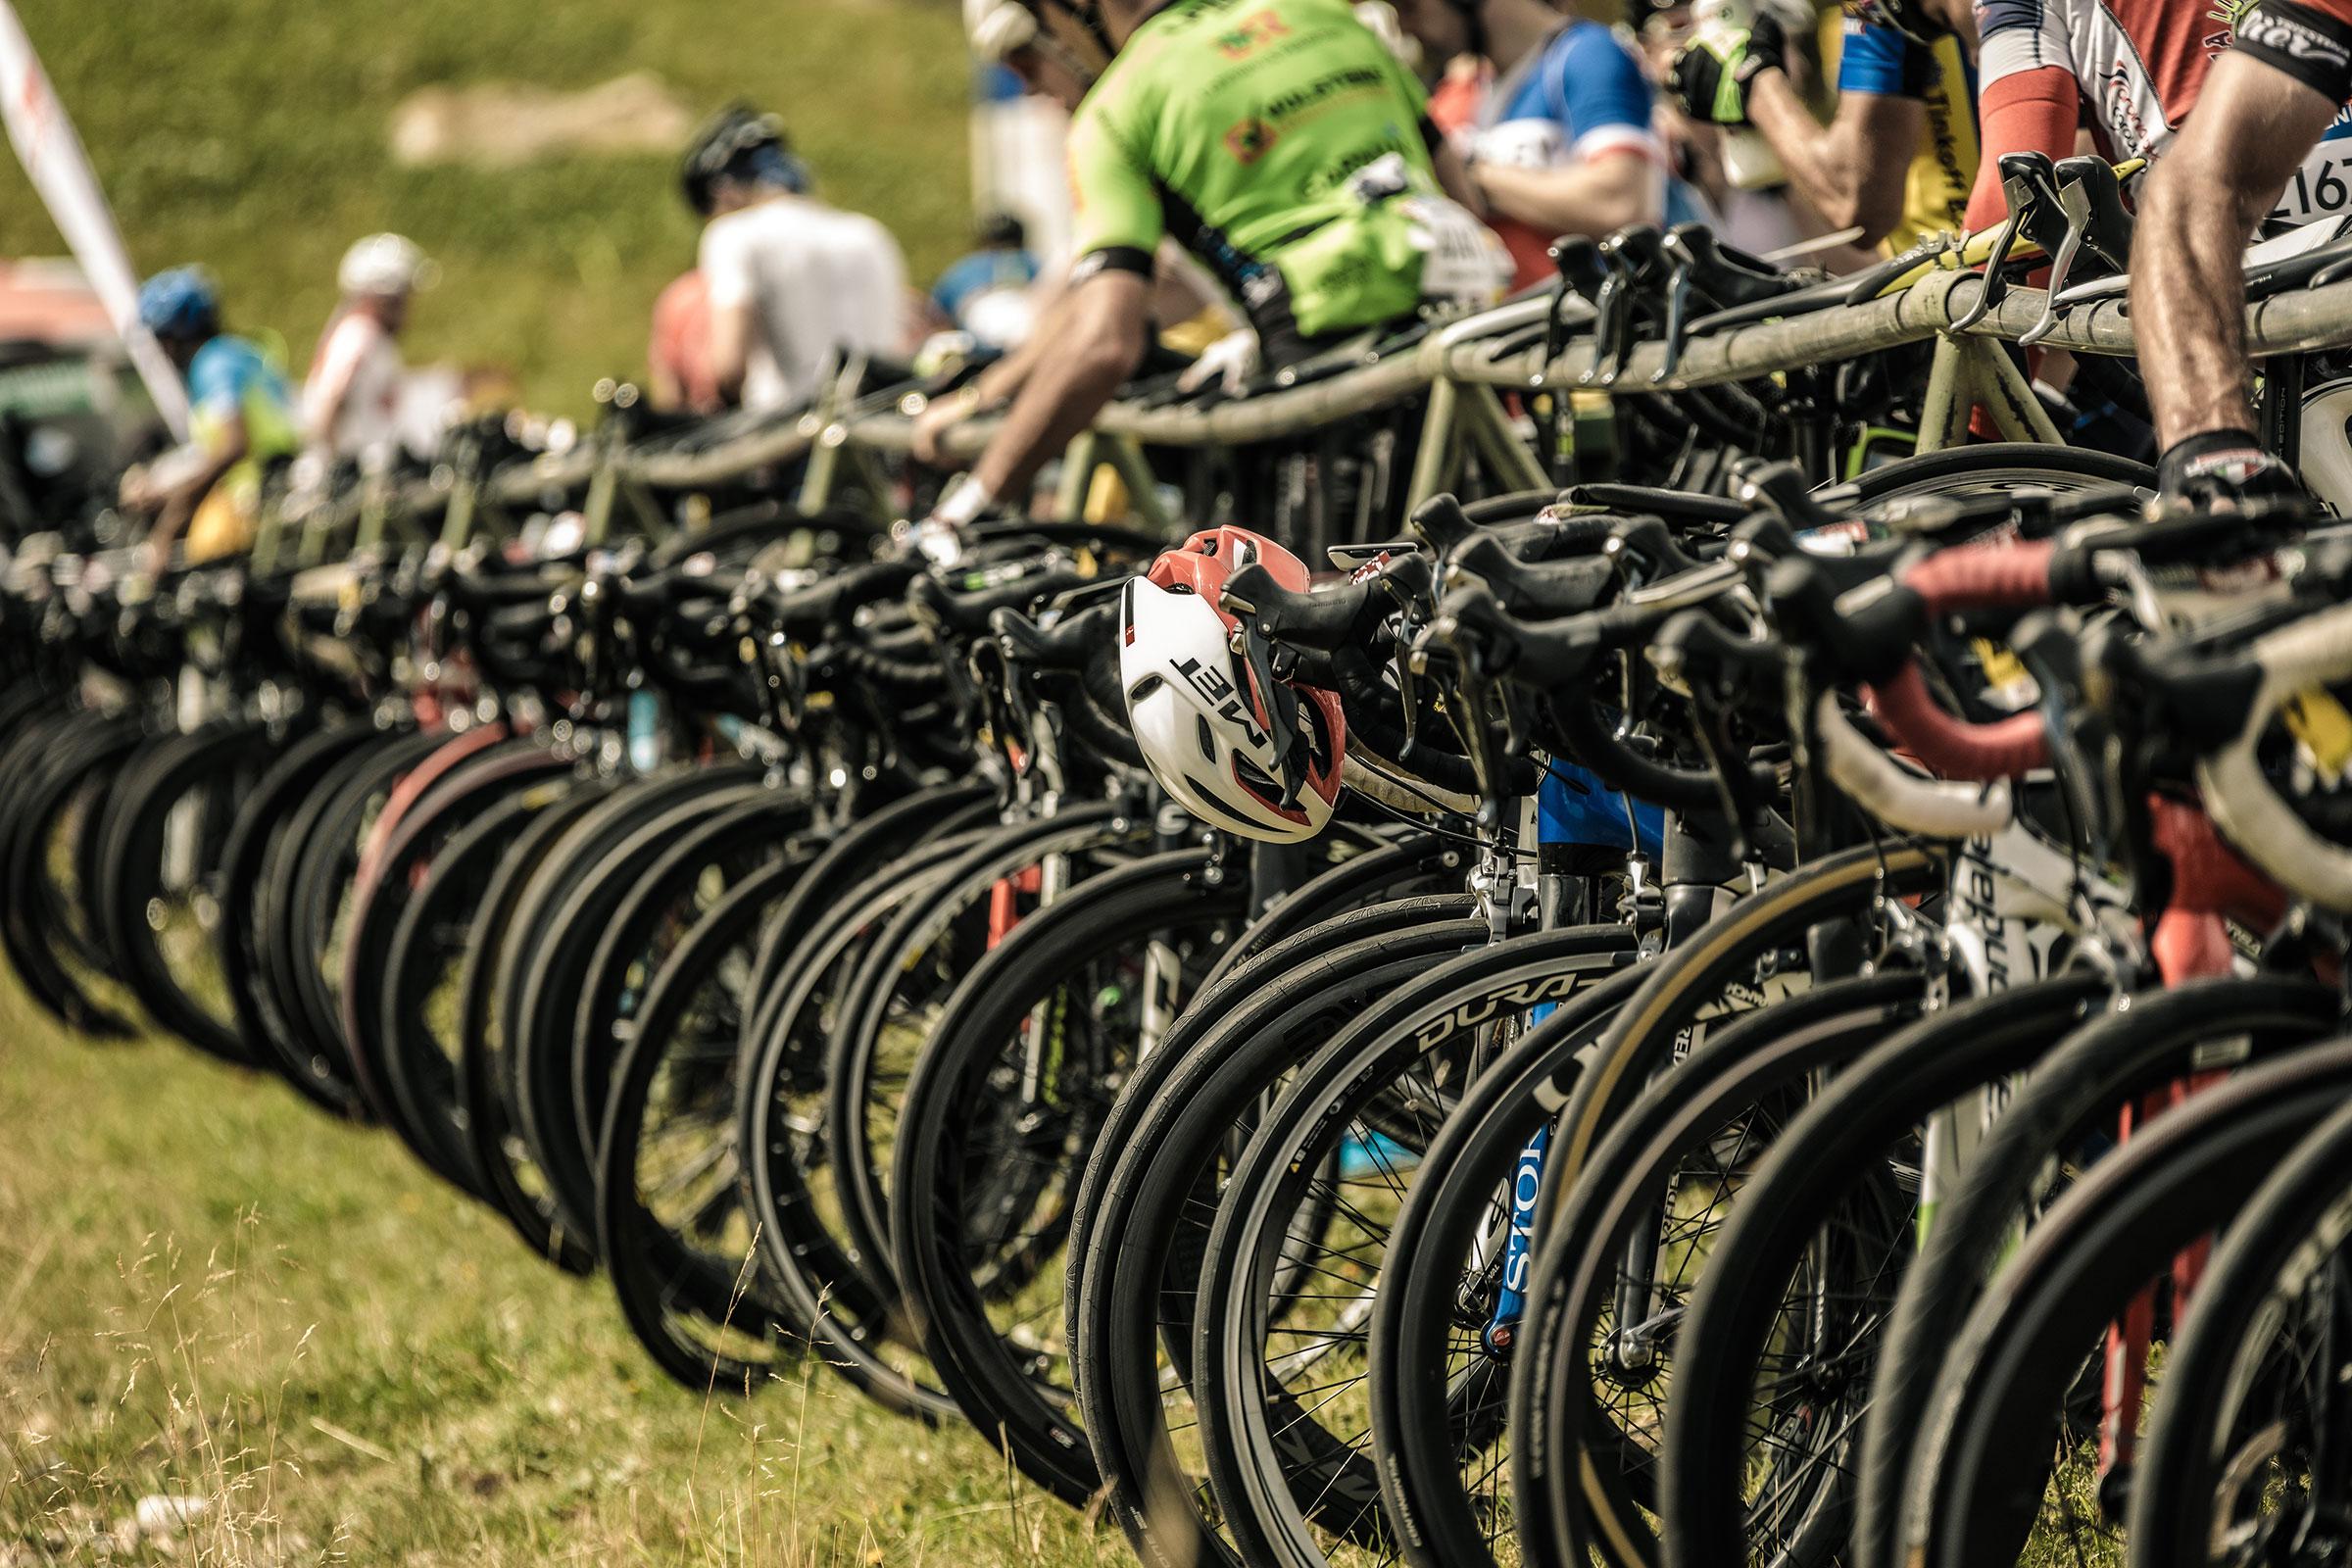 Fahrräder in Reih und Glied - Ötztaler Radmarathon